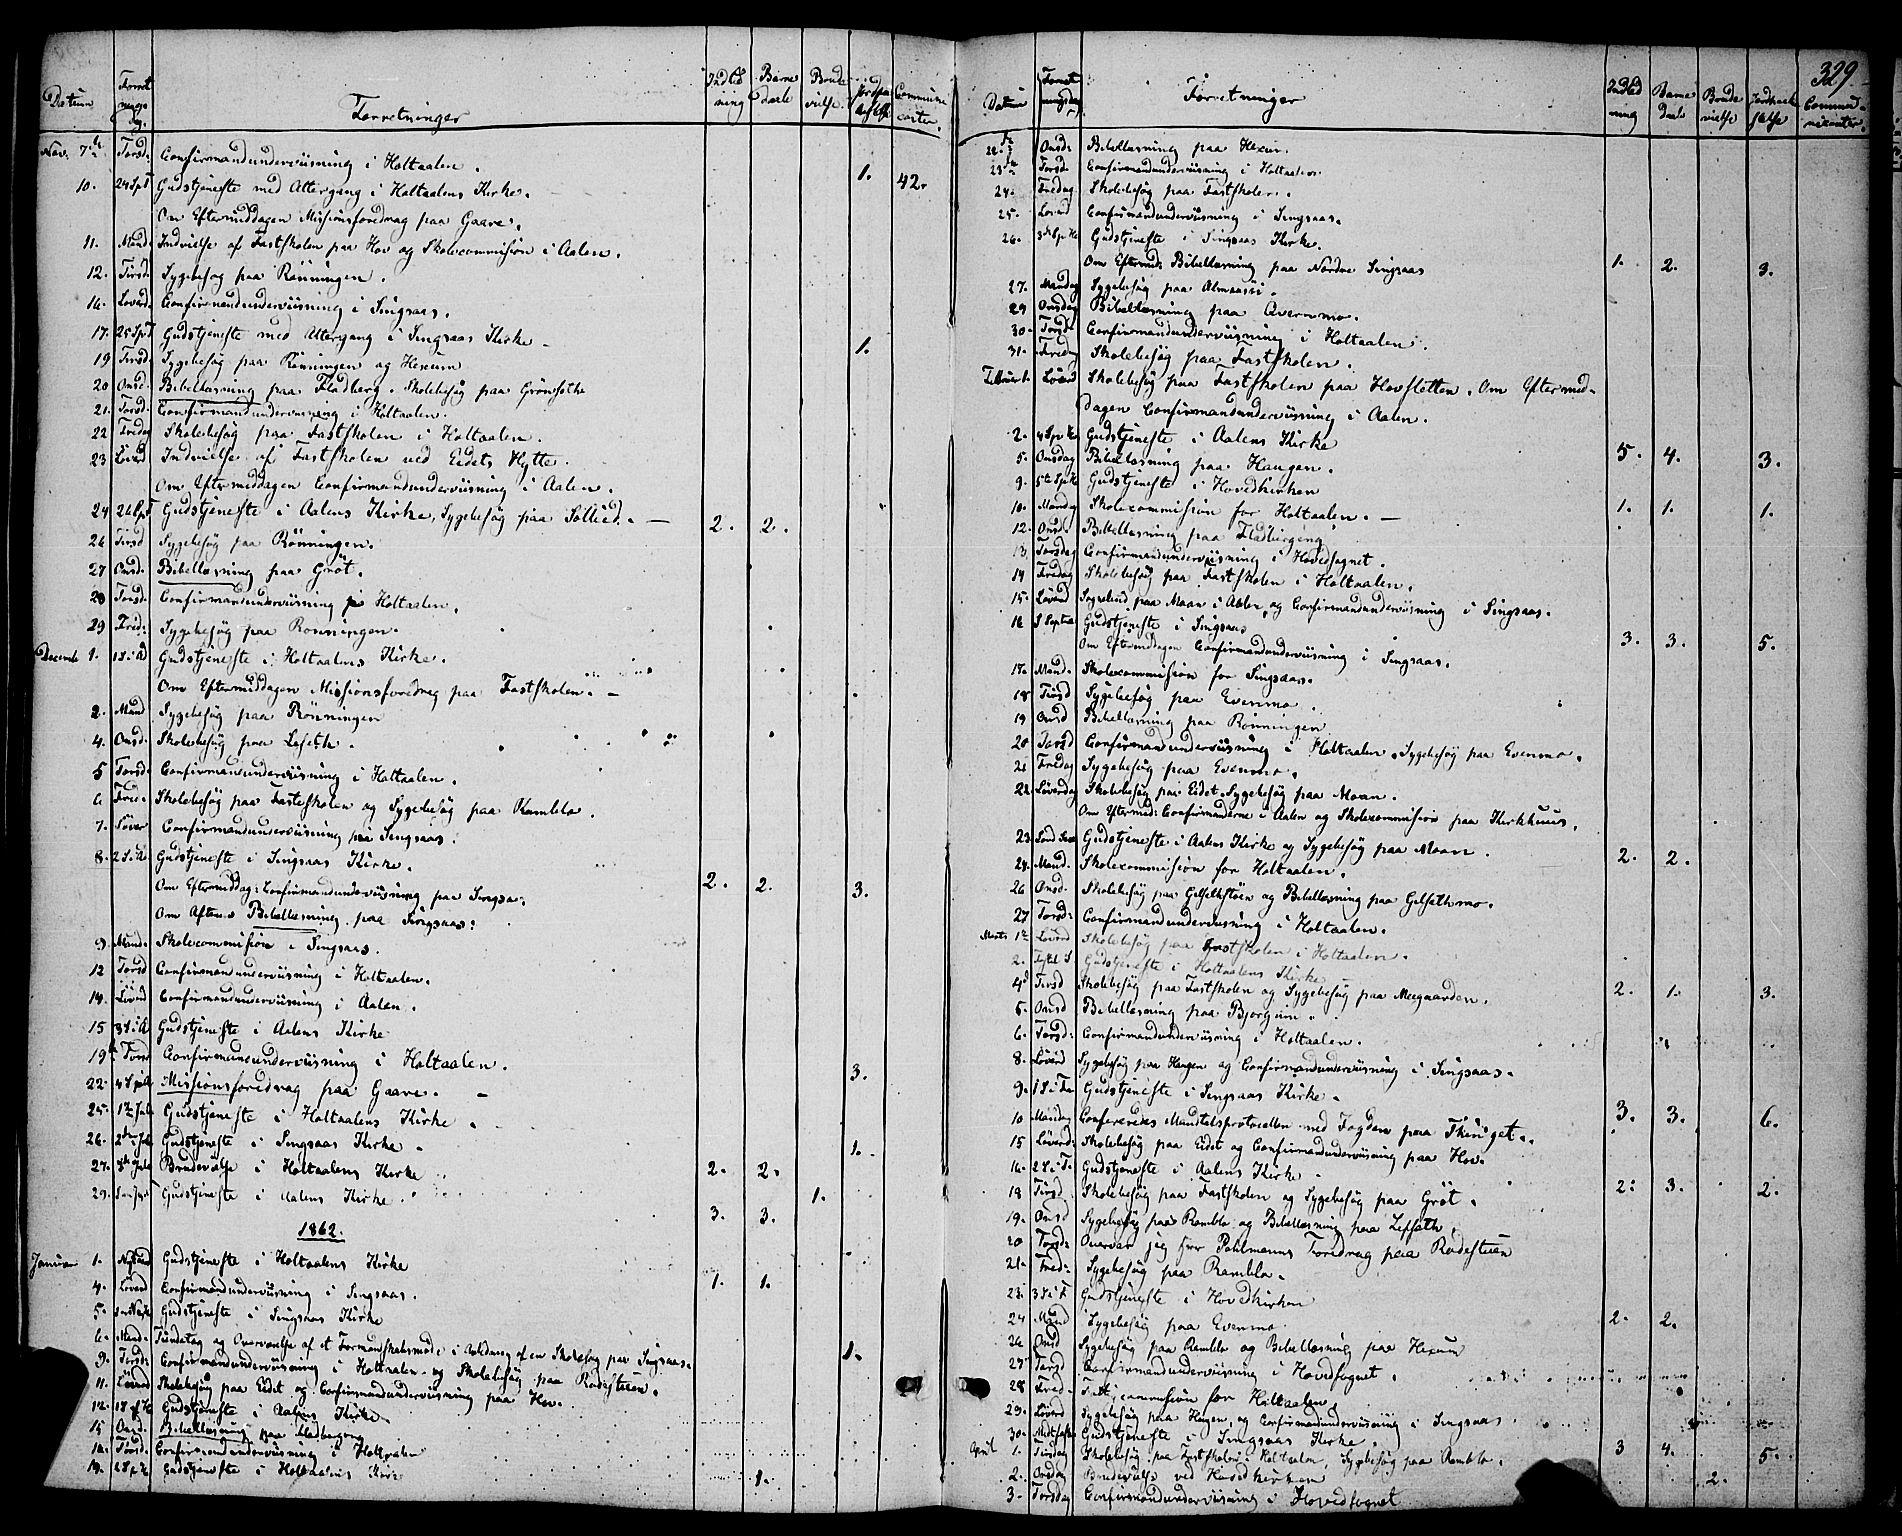 SAT, Ministerialprotokoller, klokkerbøker og fødselsregistre - Sør-Trøndelag, 685/L0966: Ministerialbok nr. 685A07 /1, 1860-1869, s. 329